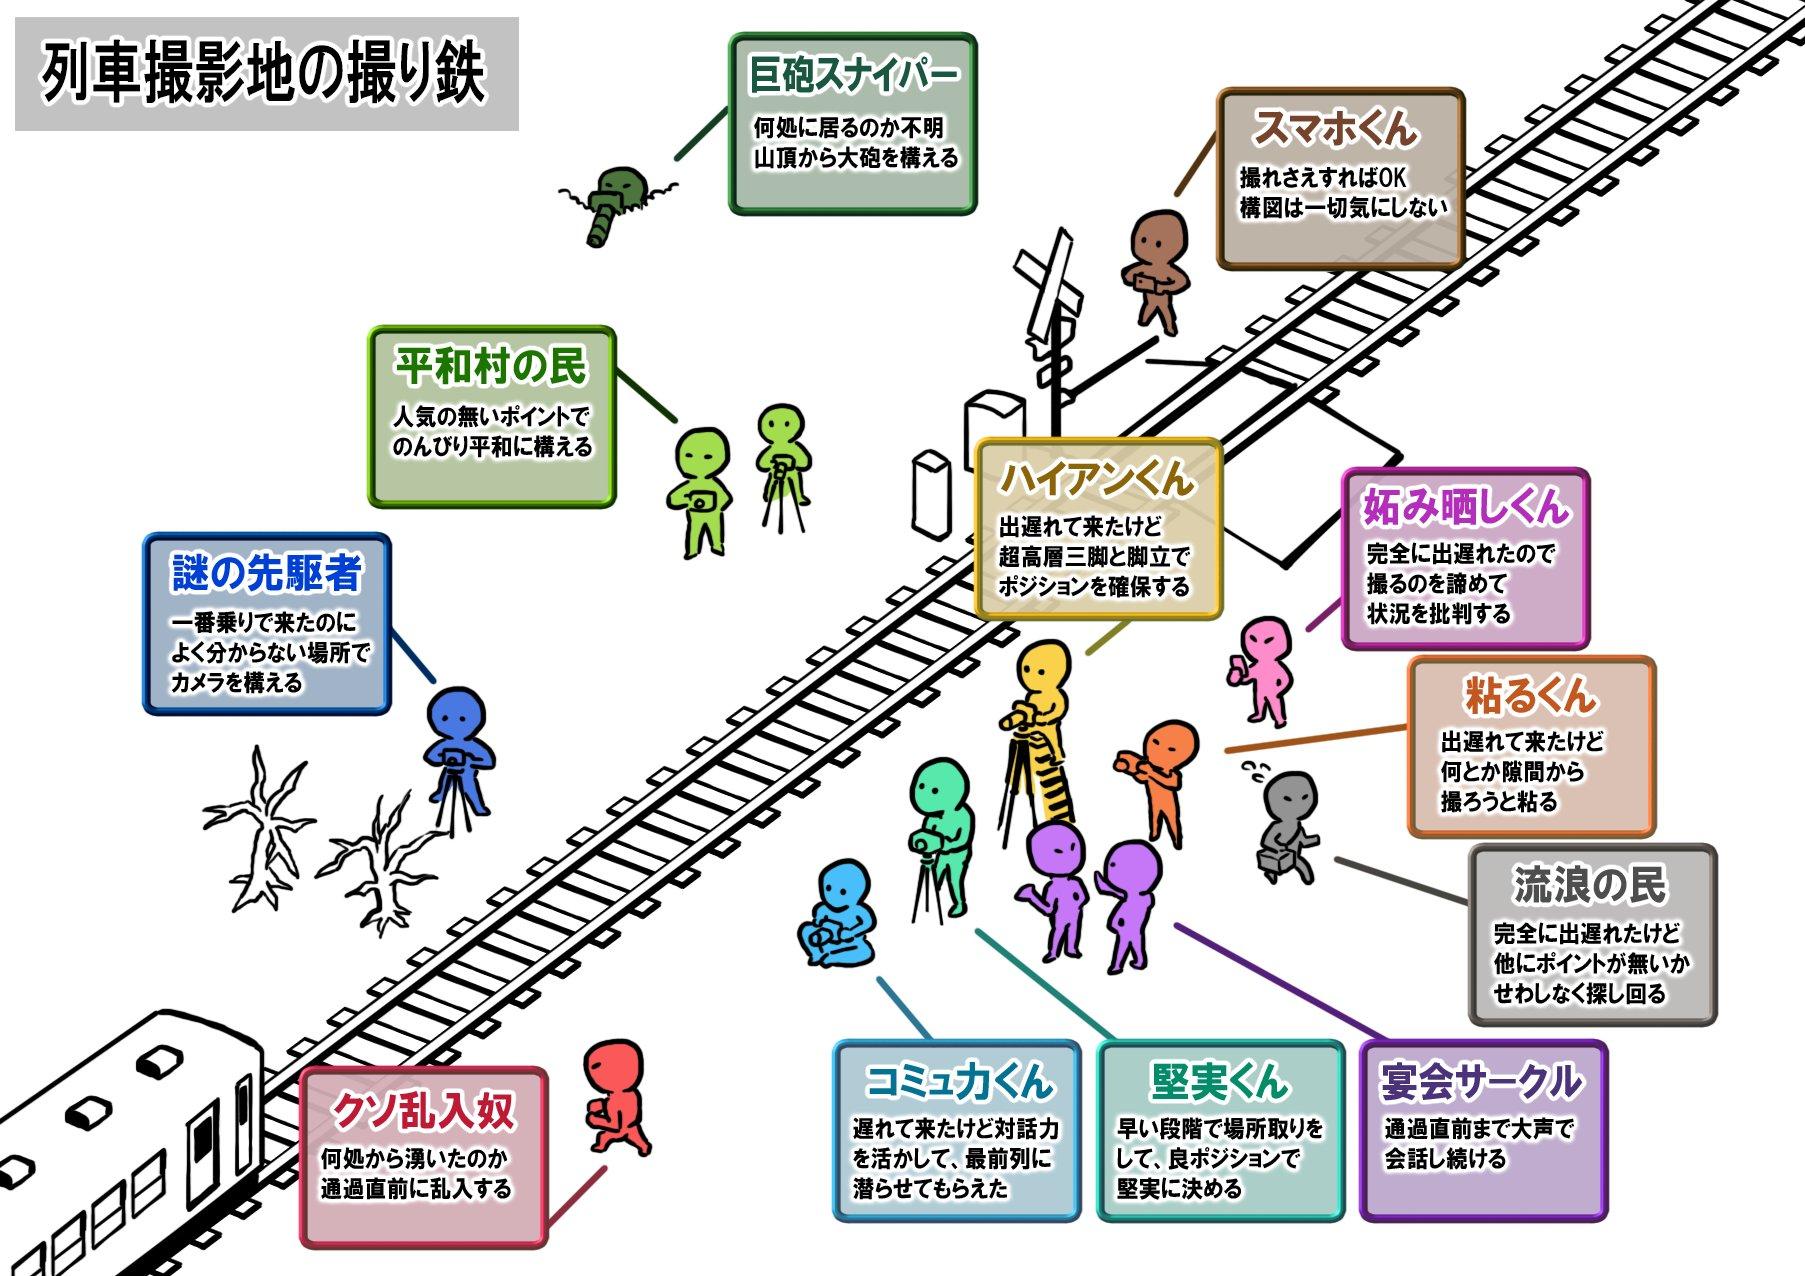 J なん 鉄 オタ 【朗報】鉄ヲタさん、大好きな電車をバカにした陽キャをボコボコにする